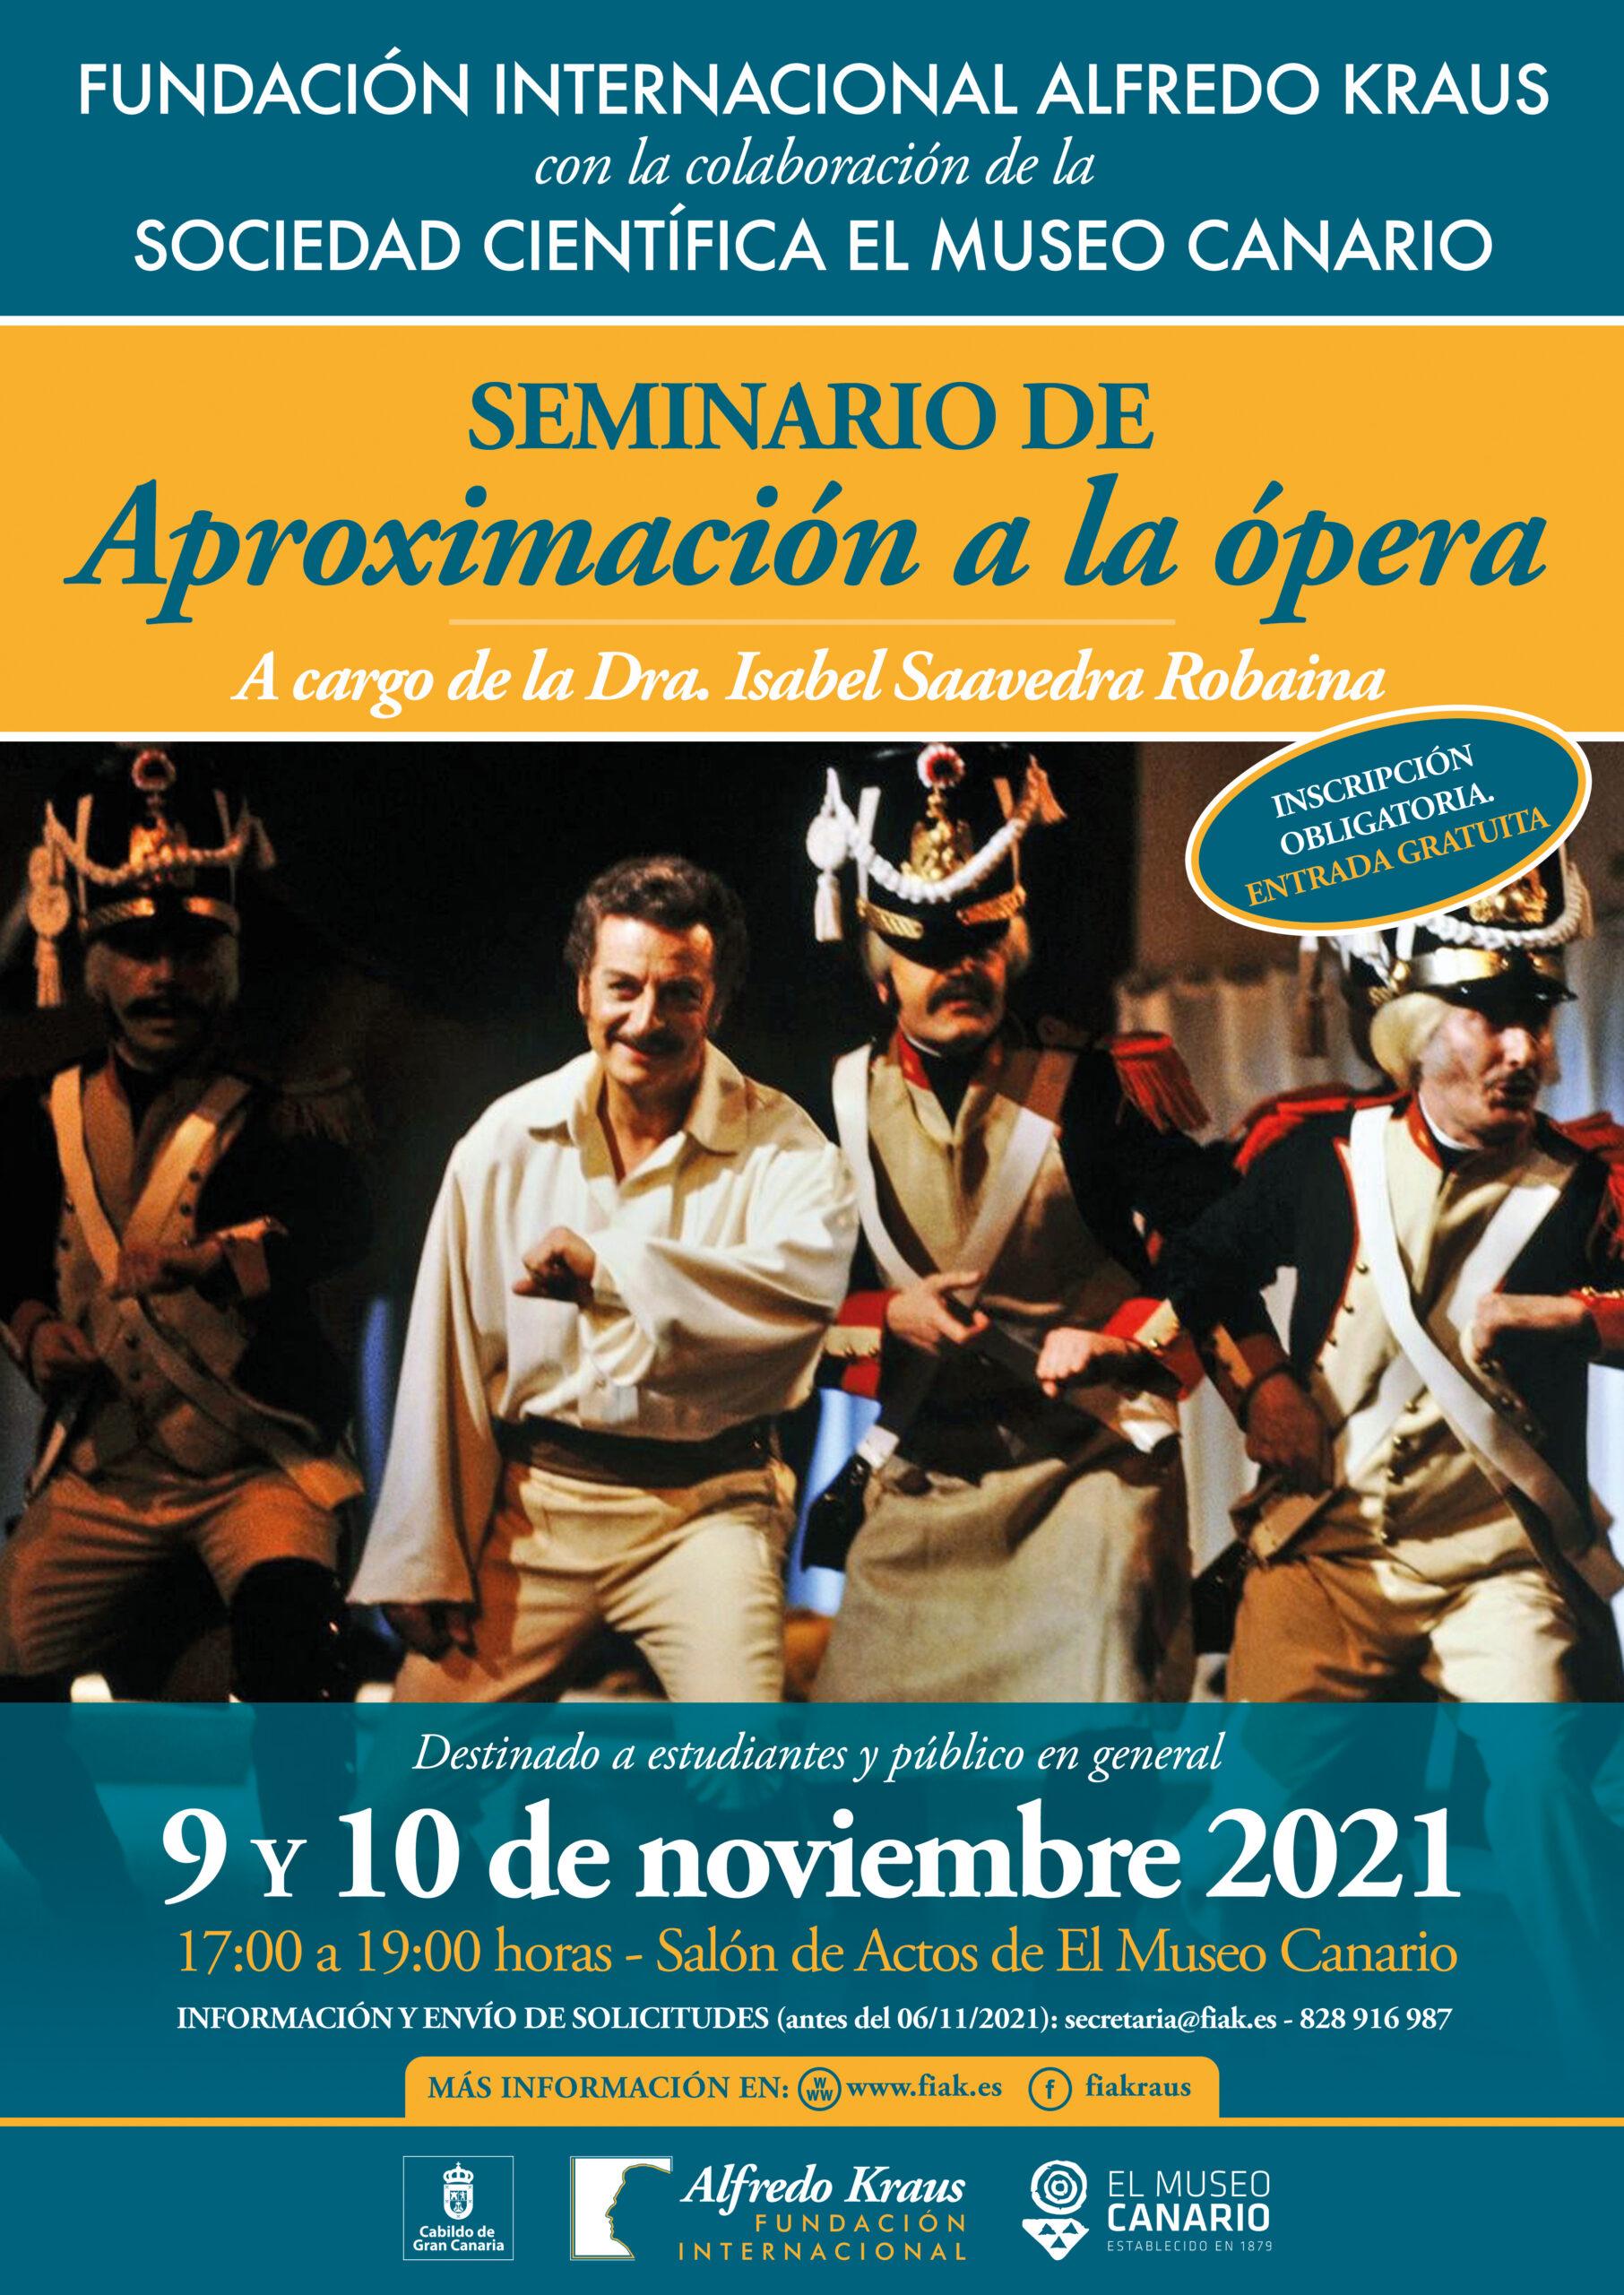 La FIAK y El Museo Canario organizan un seminario sobre la historia de la ópera con el objetivo de atraer nuevos públicos